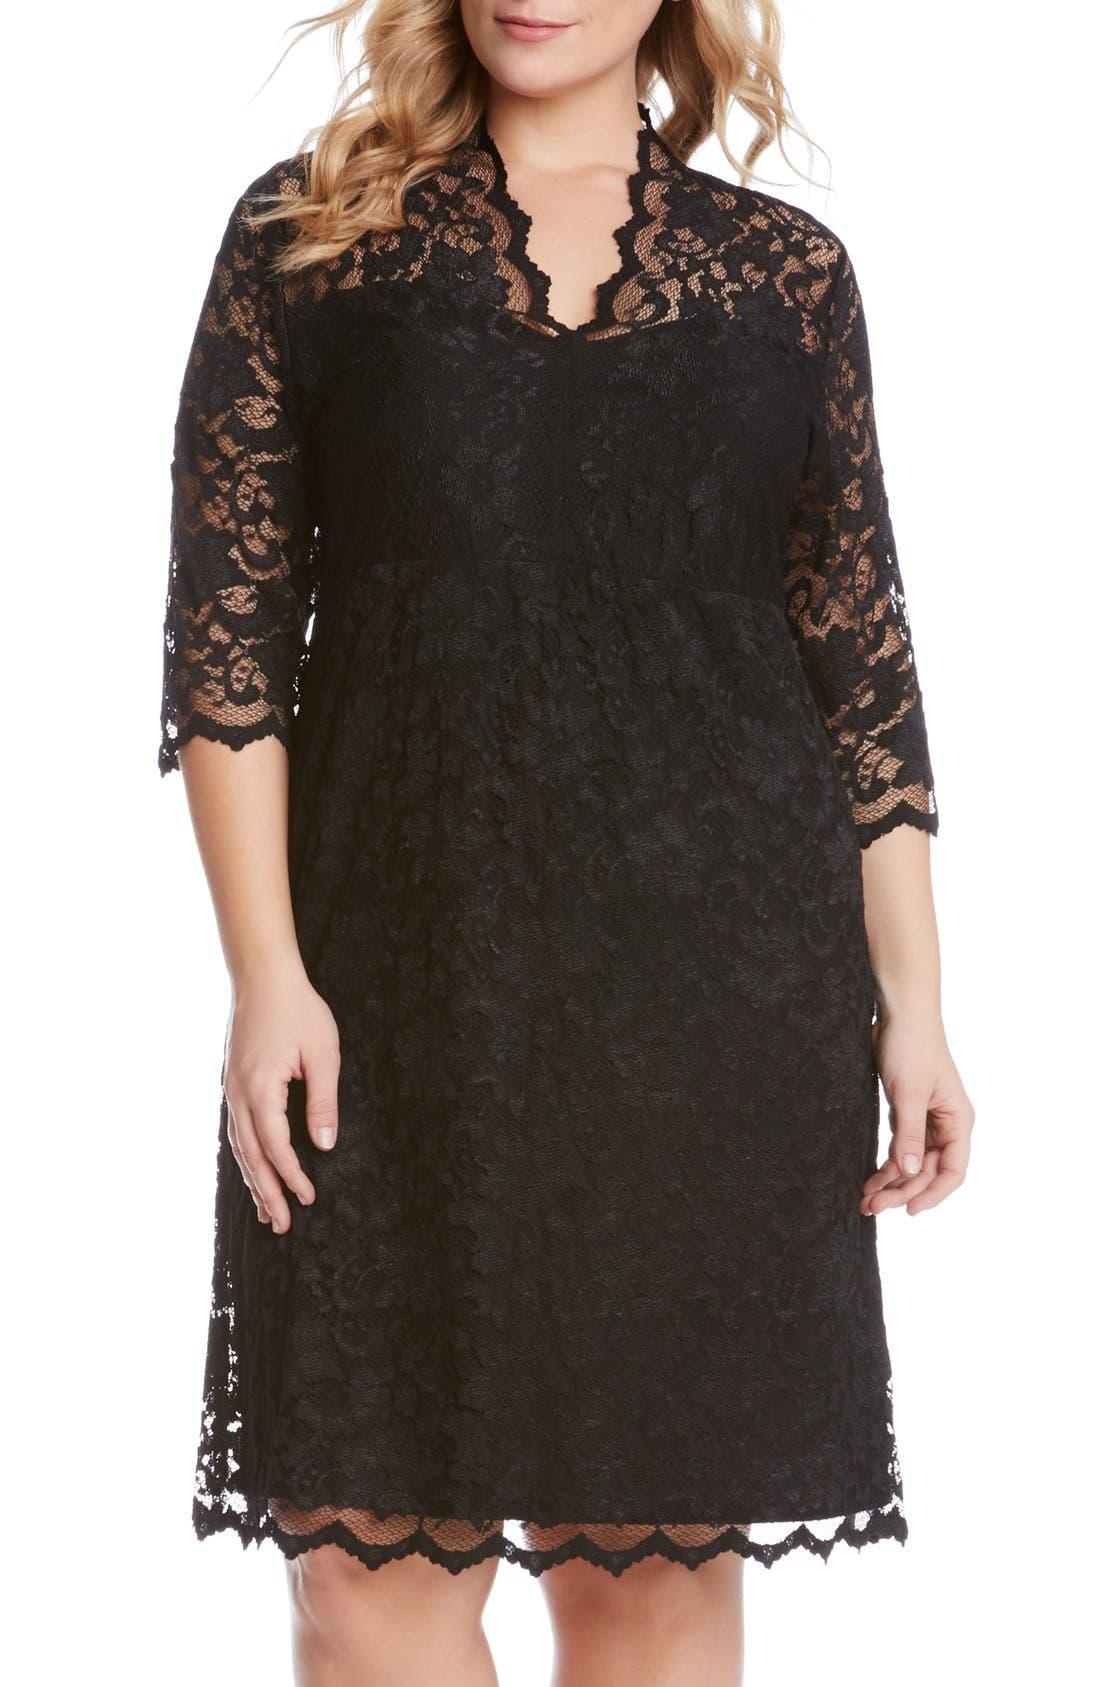 Plus Size Karen Kane Scalloped Stretch Lace Dress